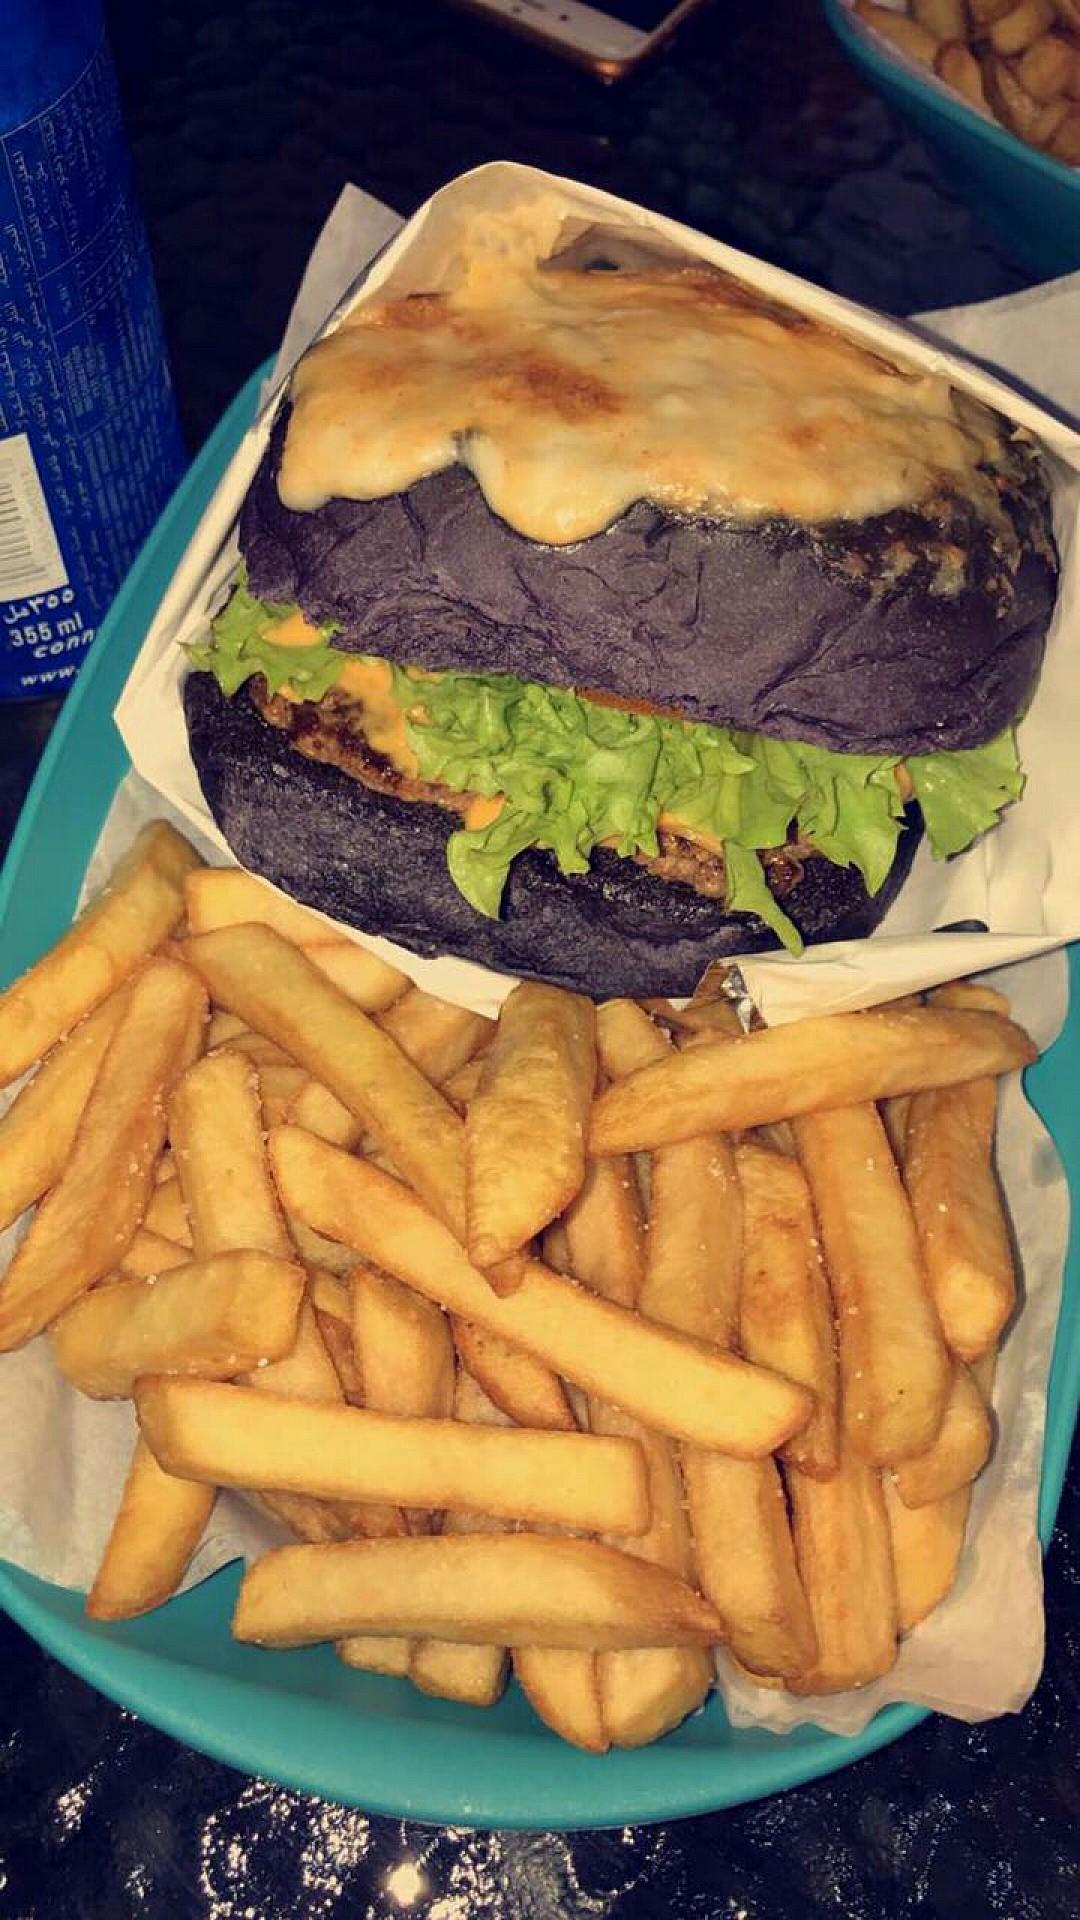 HAPPY WEEKEND #JOY_BURGER @ Joy burger - Bahrain